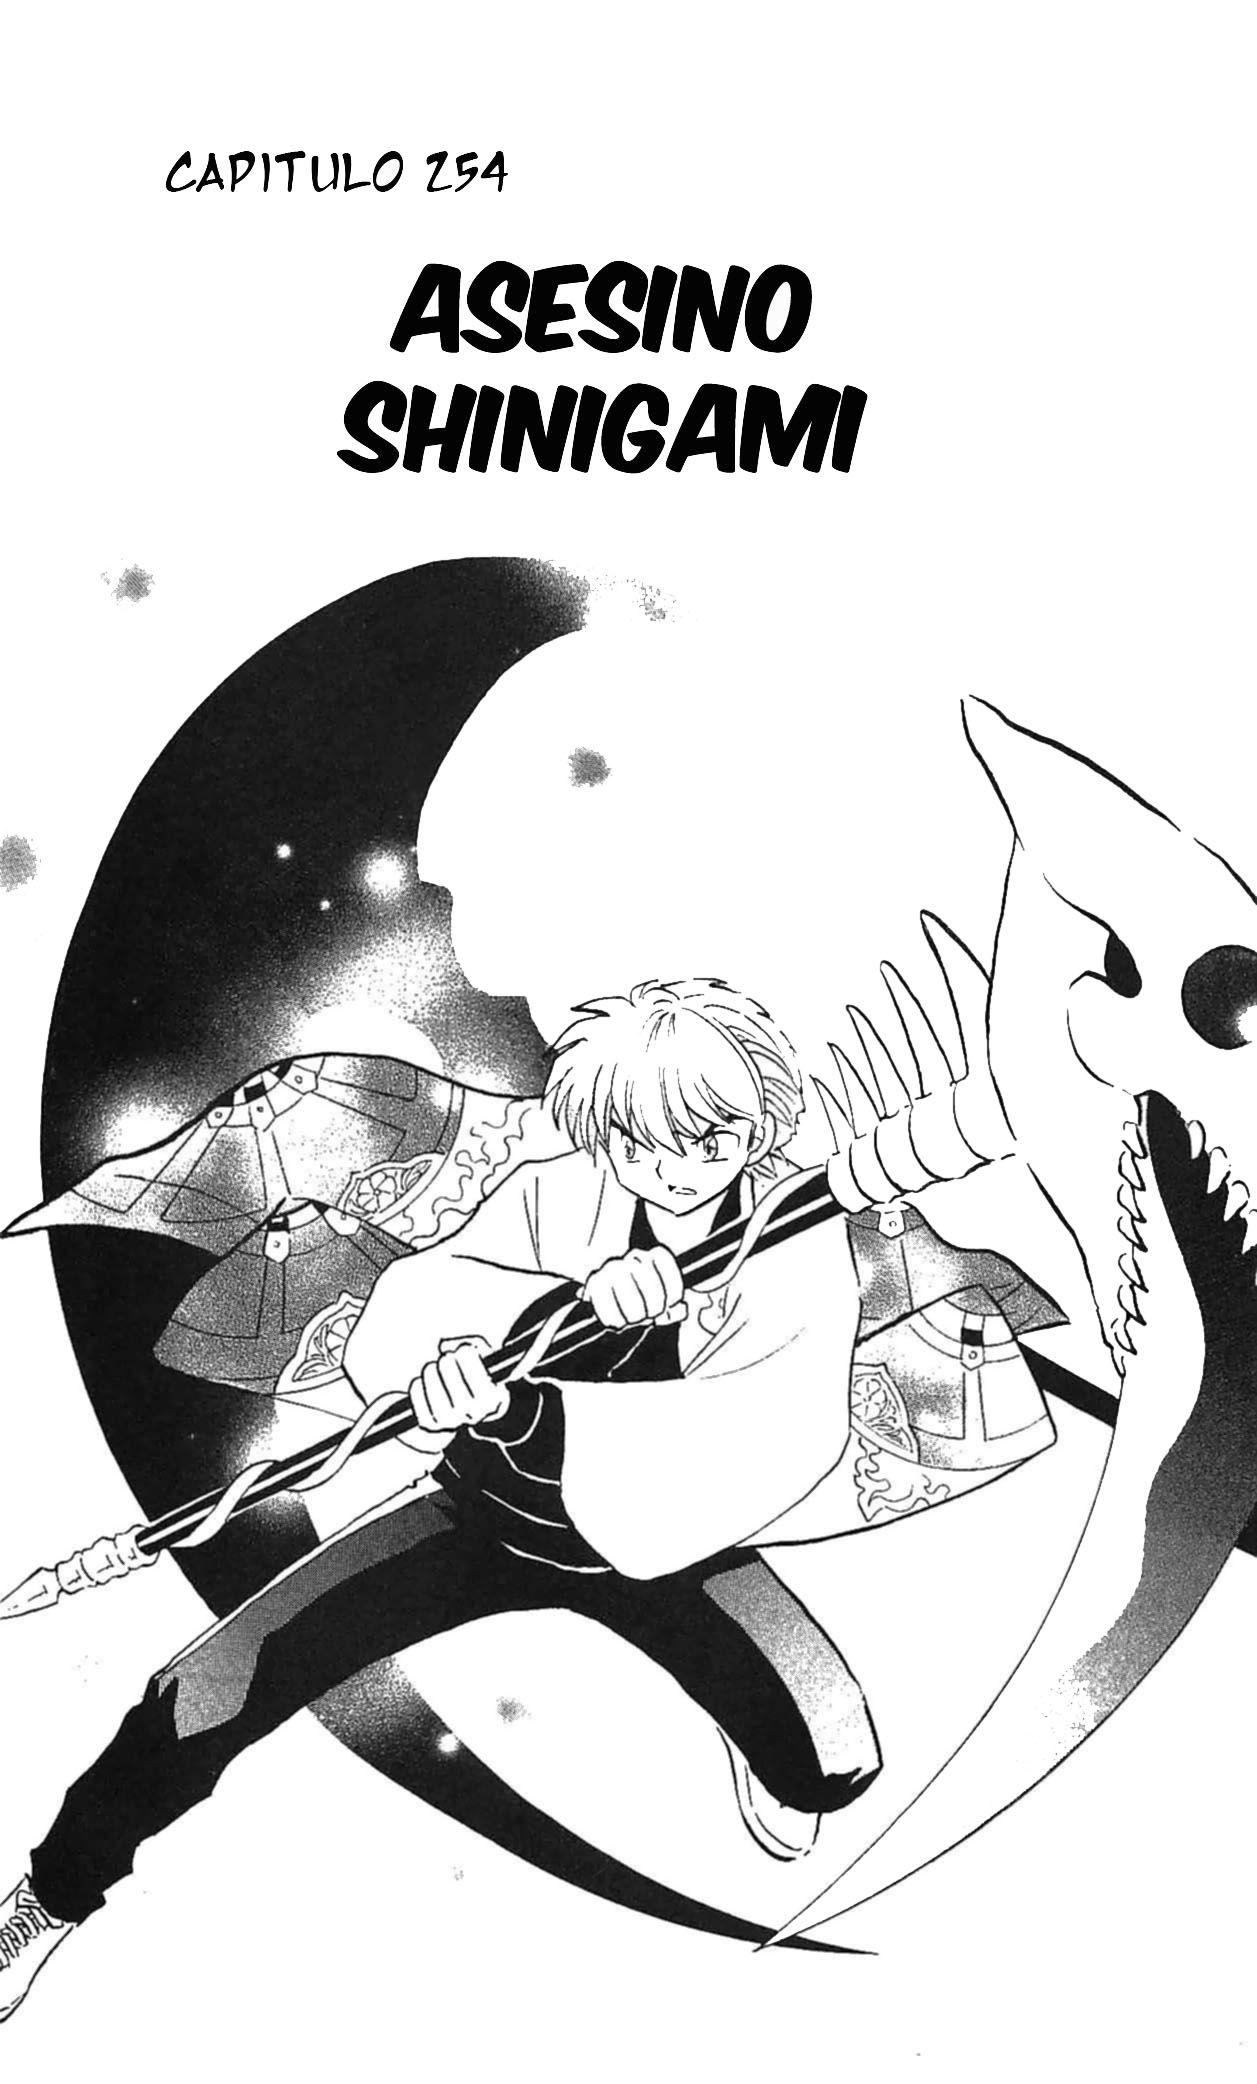 https://c5.ninemanga.com/es_manga/pic2/33/609/518305/70cc721acc20dc390b8624404fcdc97b.jpg Page 2